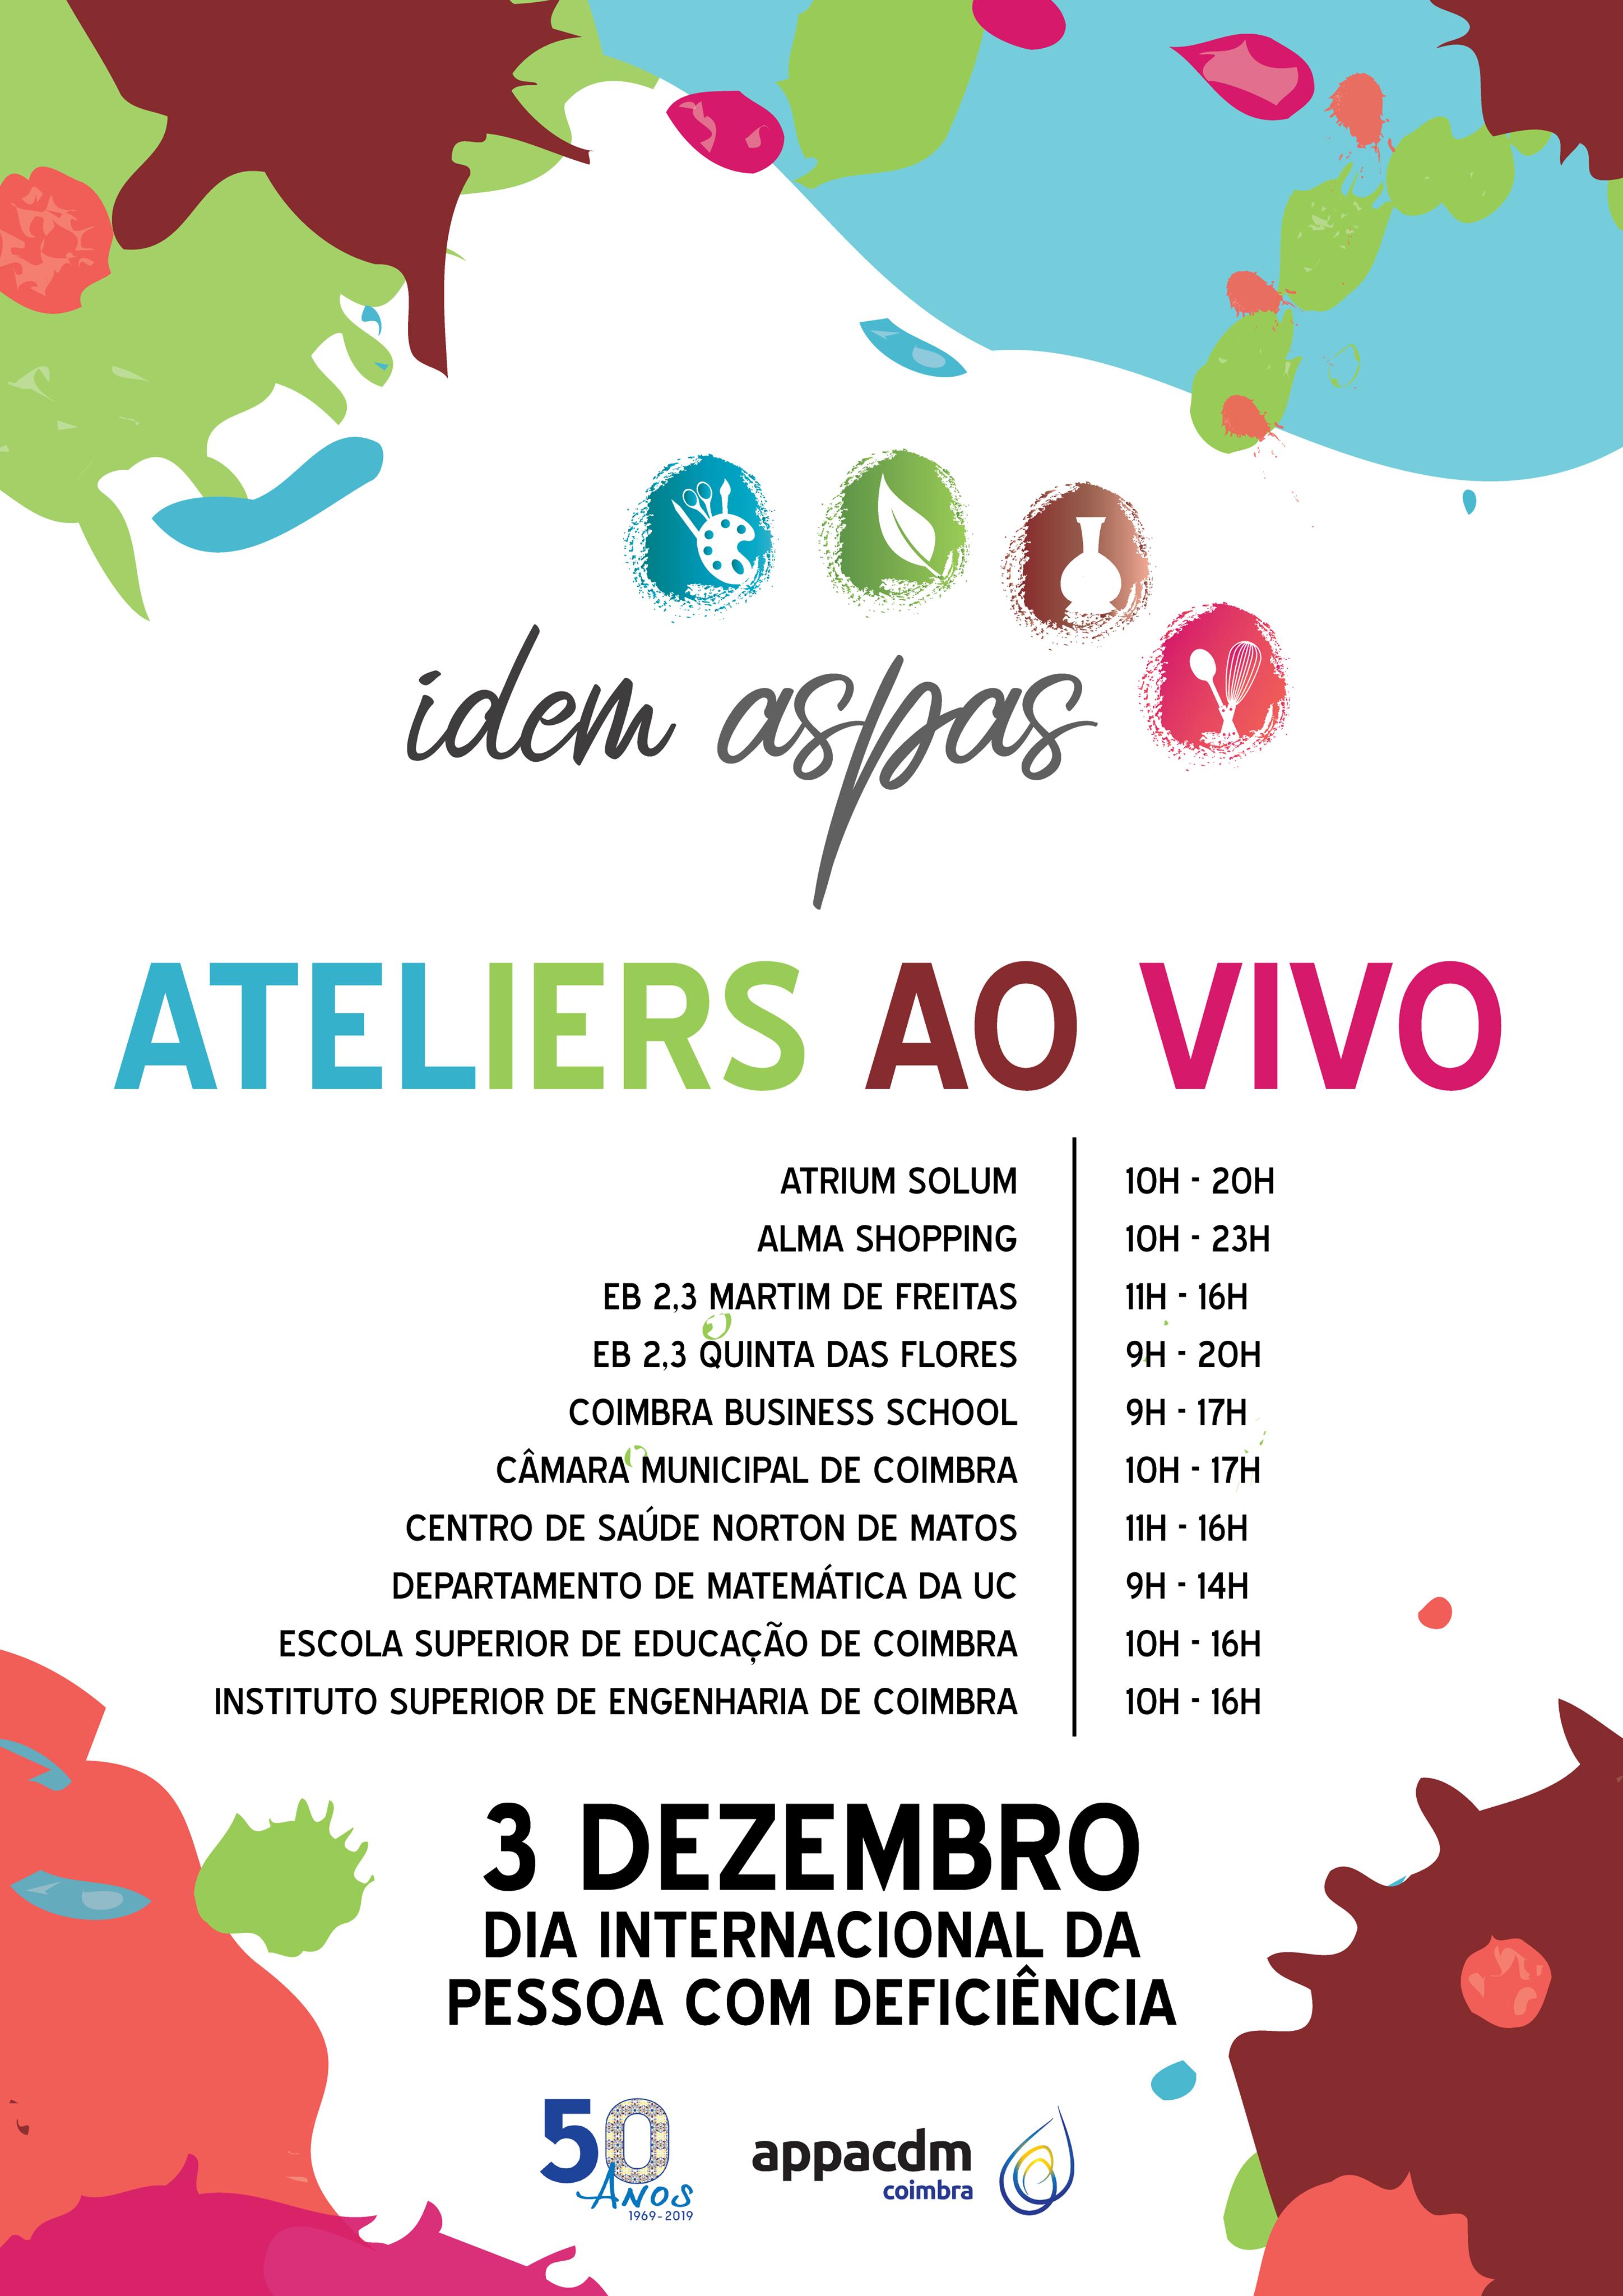 Dia internacional da pessoa com deficiência – Ateliers ao vivo